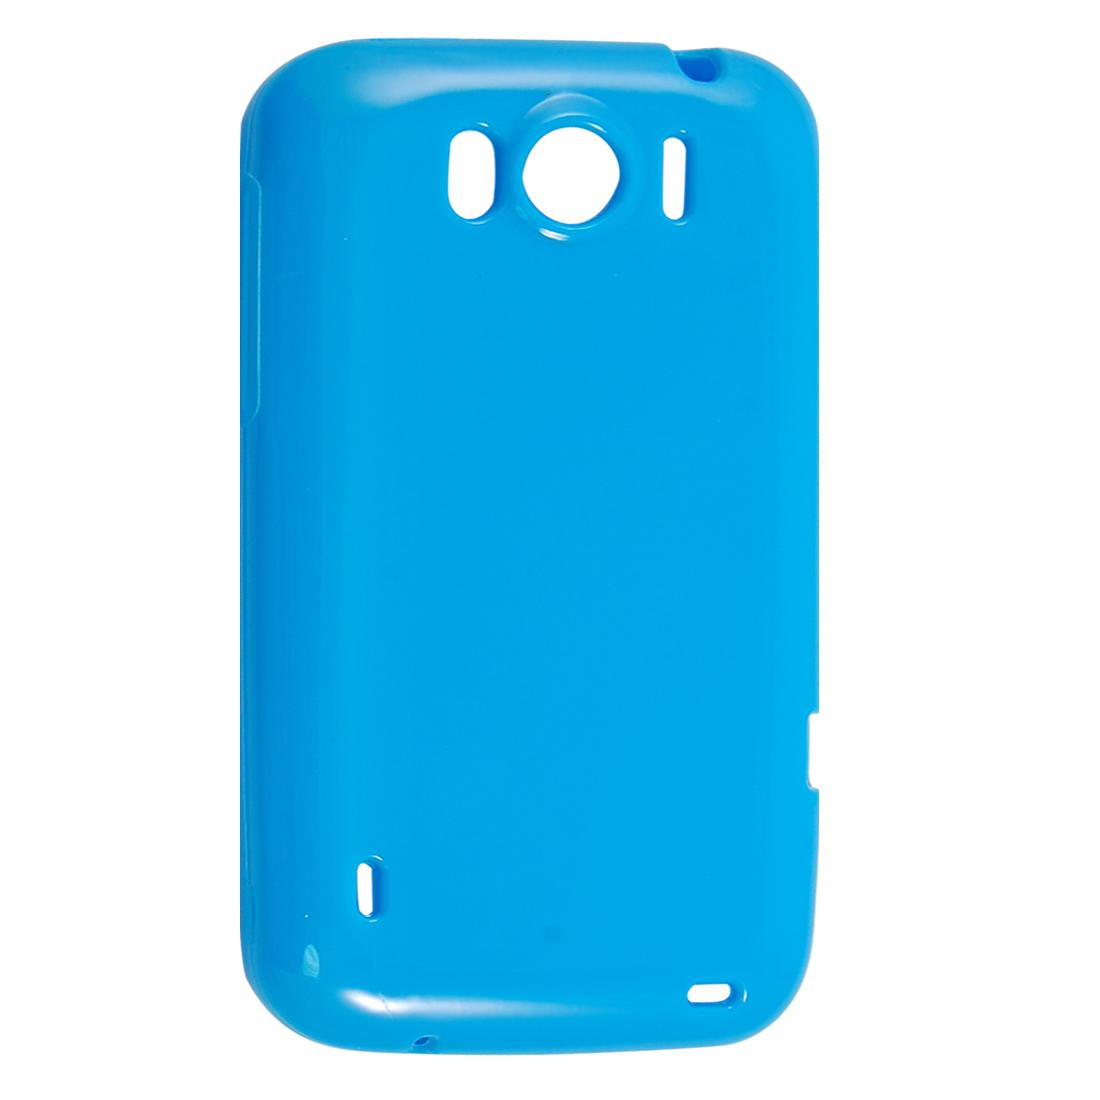 Blue Smooth Soft Plastic Protector Cover for HTC Sensation XL X315E G21